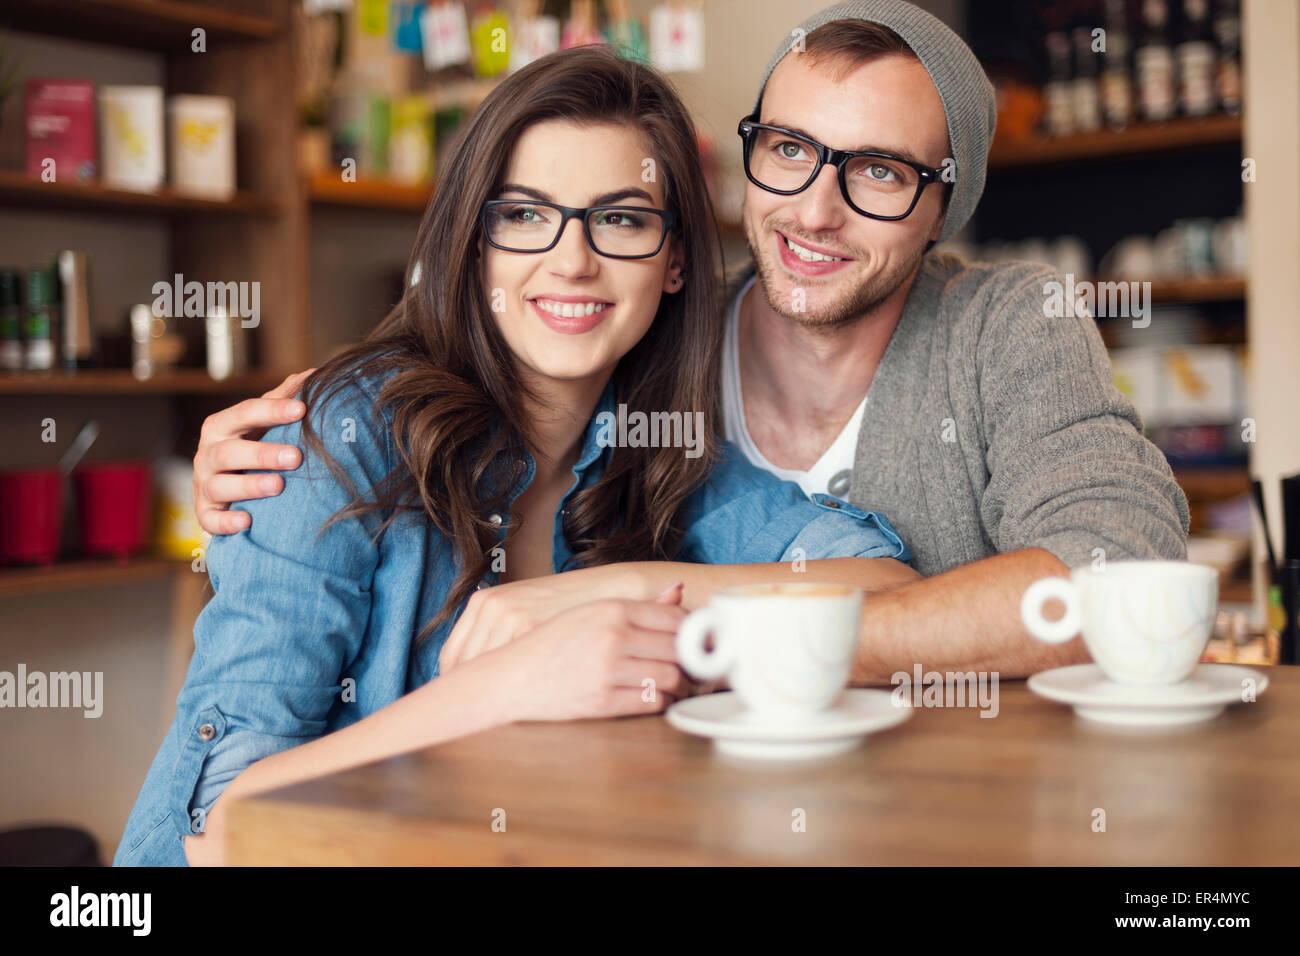 Les dépenses Faire place au couple ensemble au café. Cracovie, Pologne Photo Stock